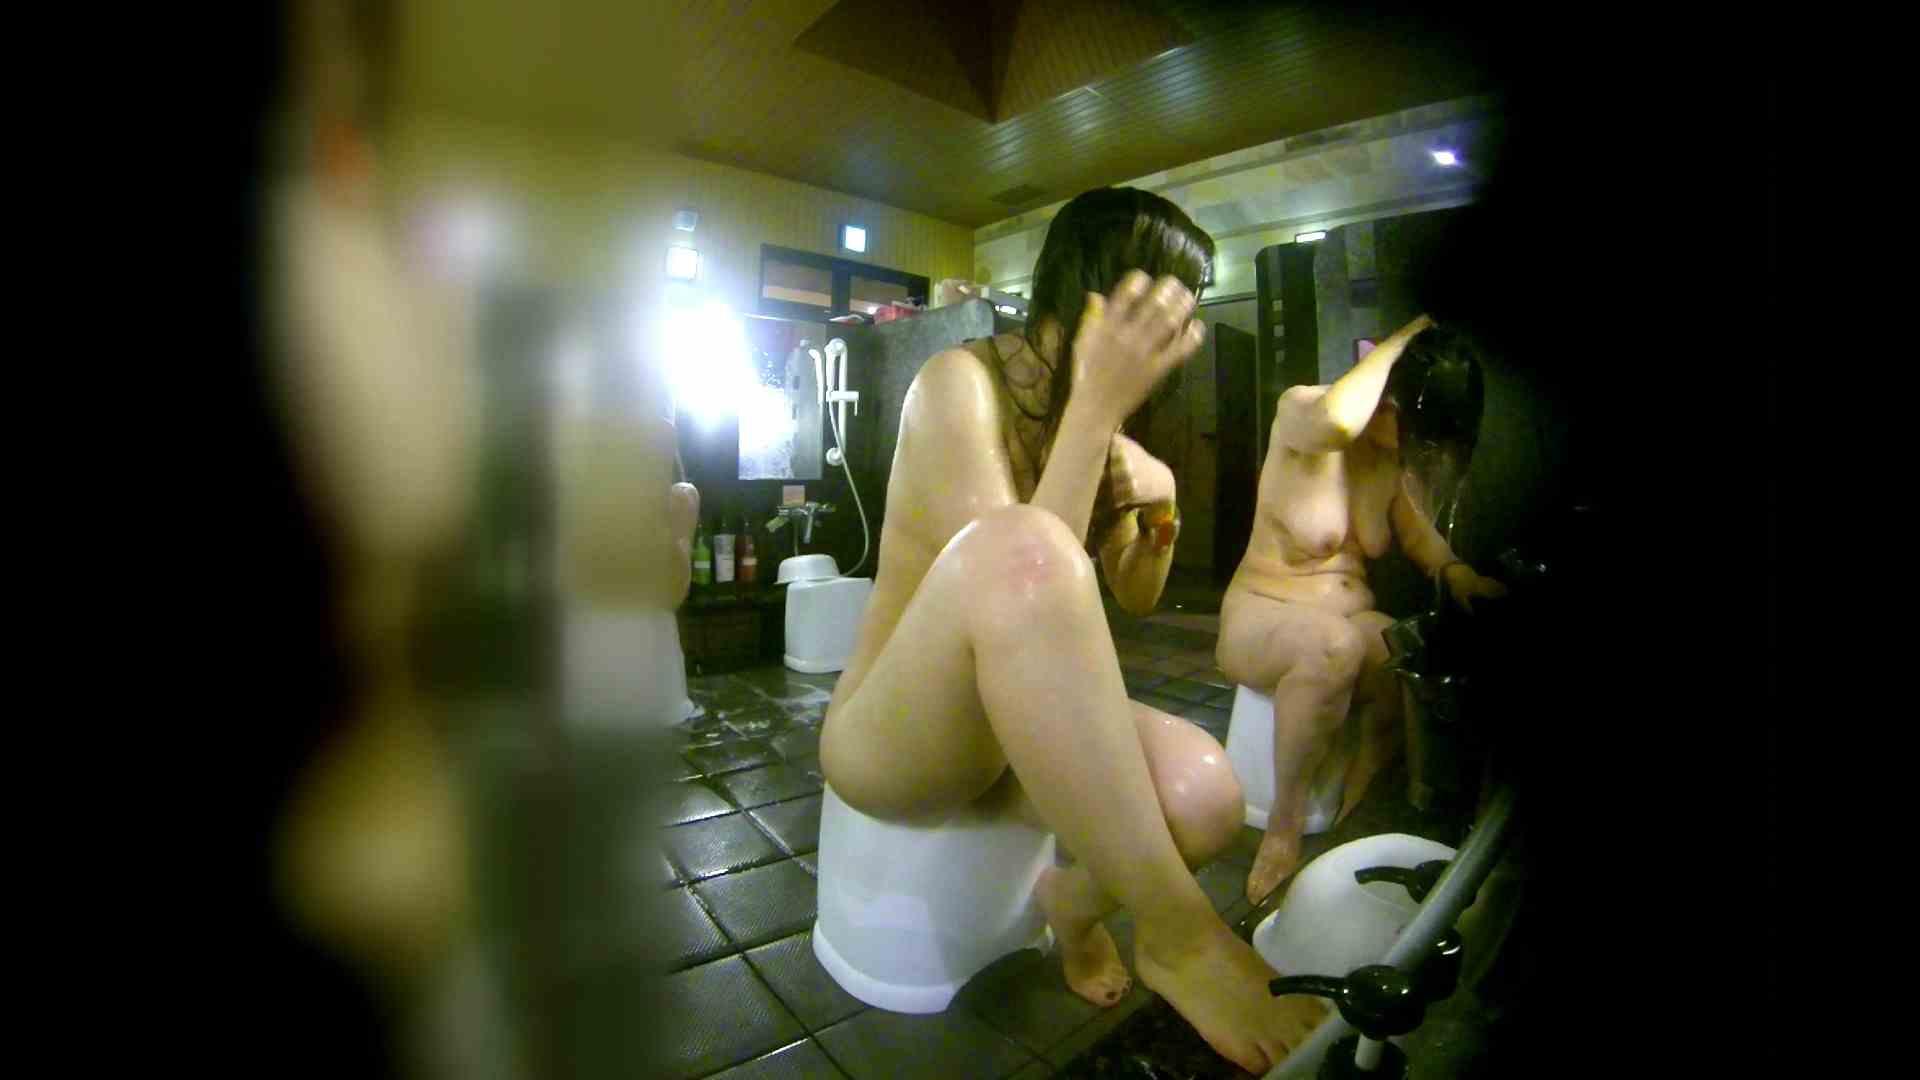 洗い場!右足の位置がいいですね。陰毛もっさり! 銭湯  113pic 36